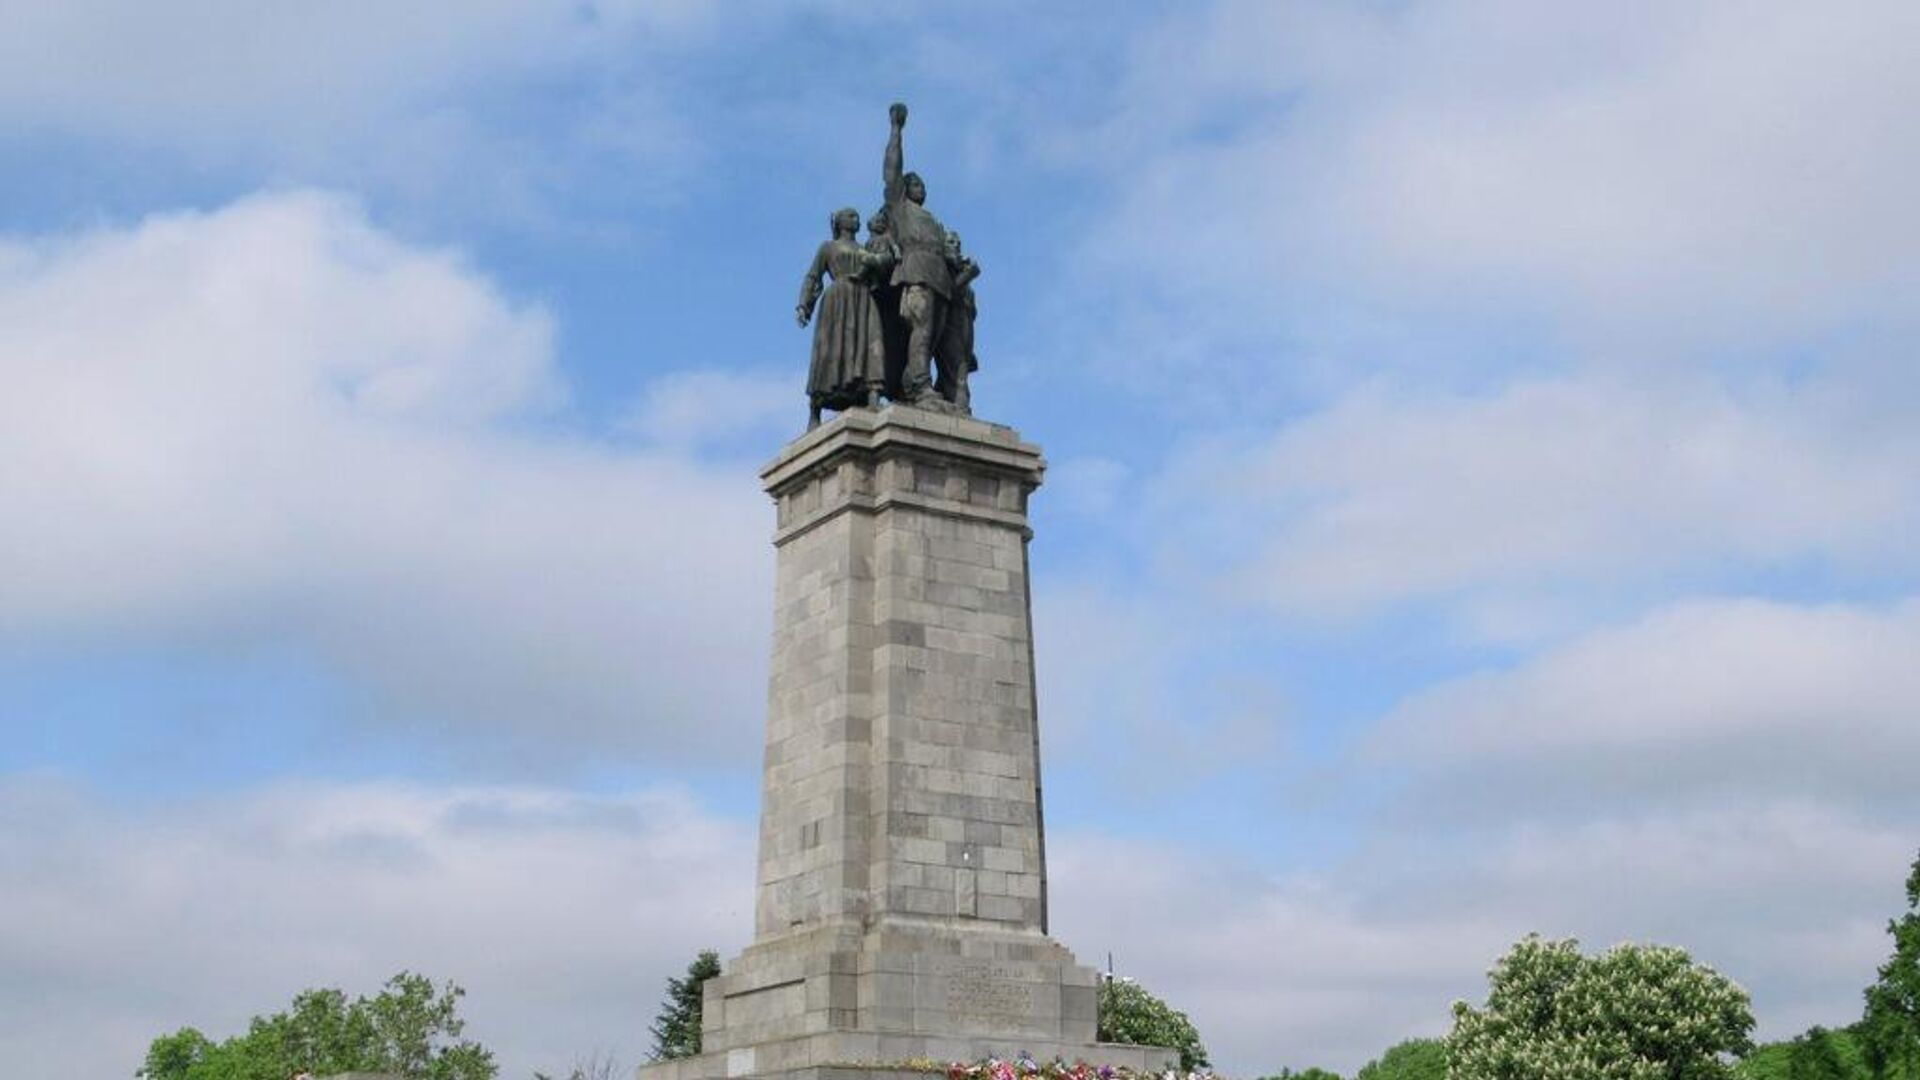 Памятник Советской армии в Софии - РИА Новости, 1920, 13.05.2021